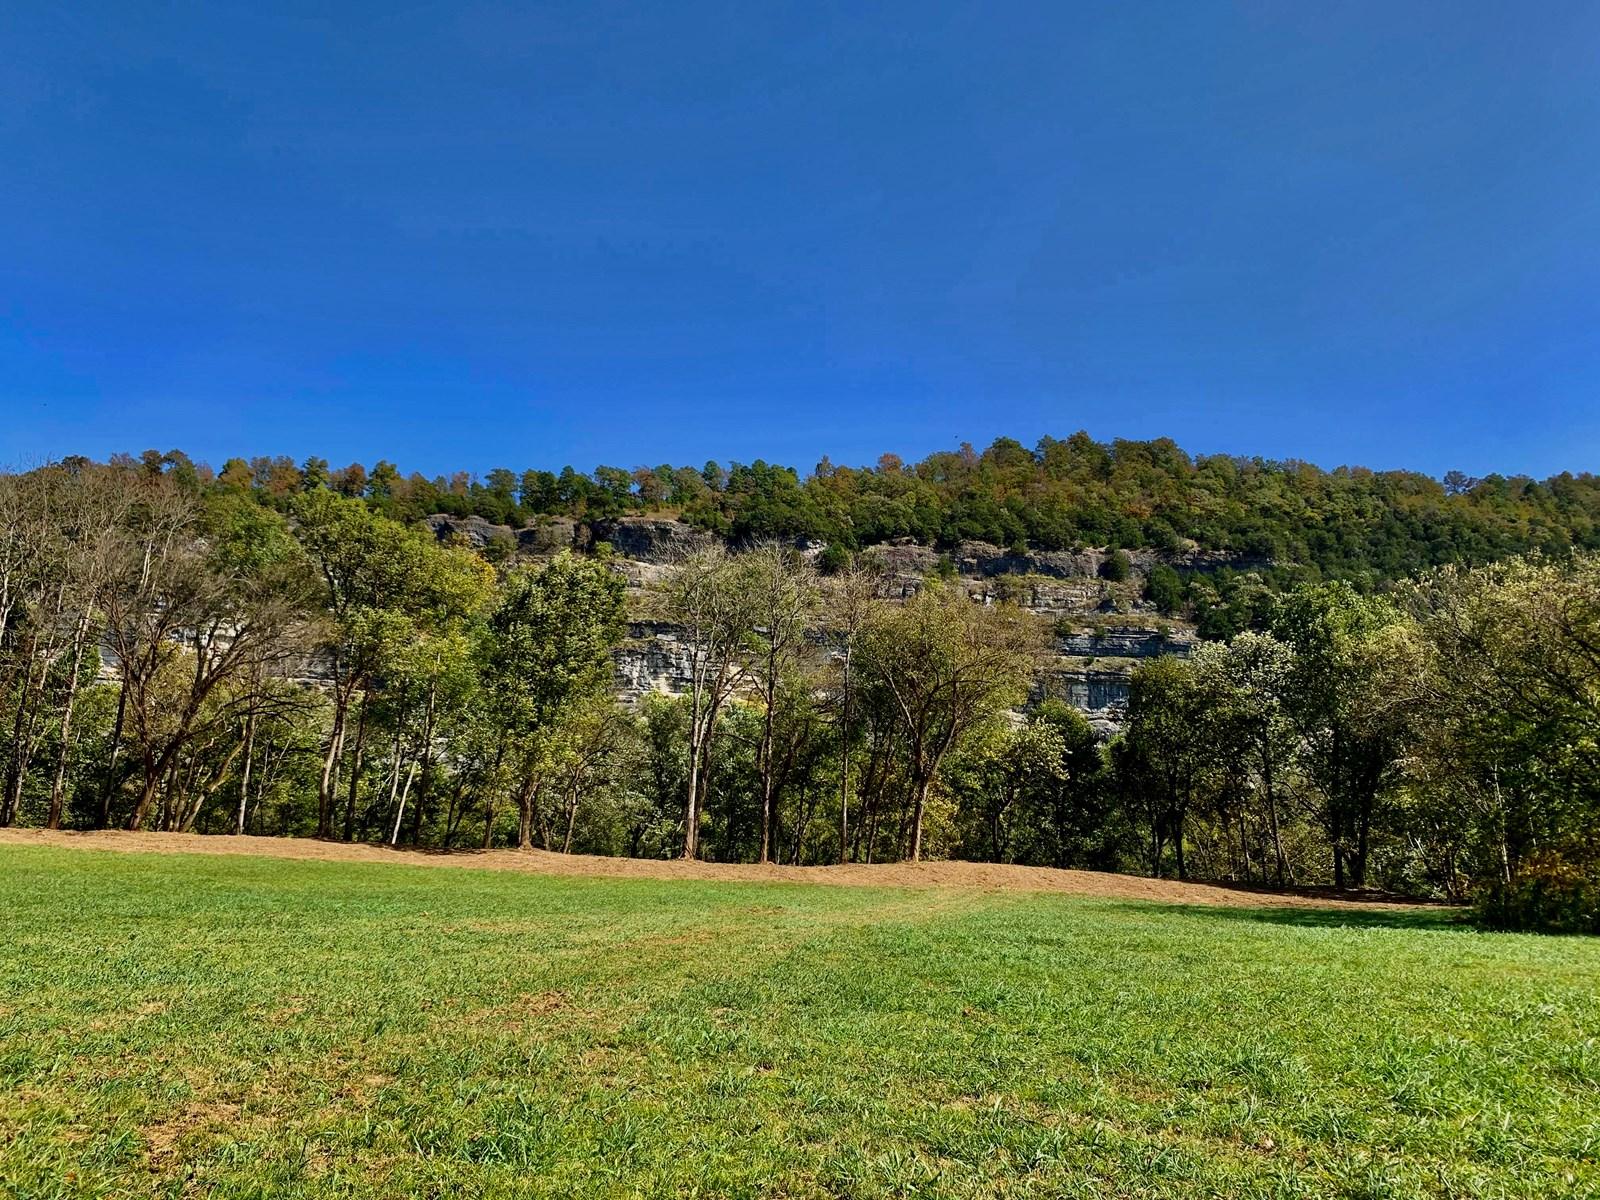 White River frontage near Mountain View